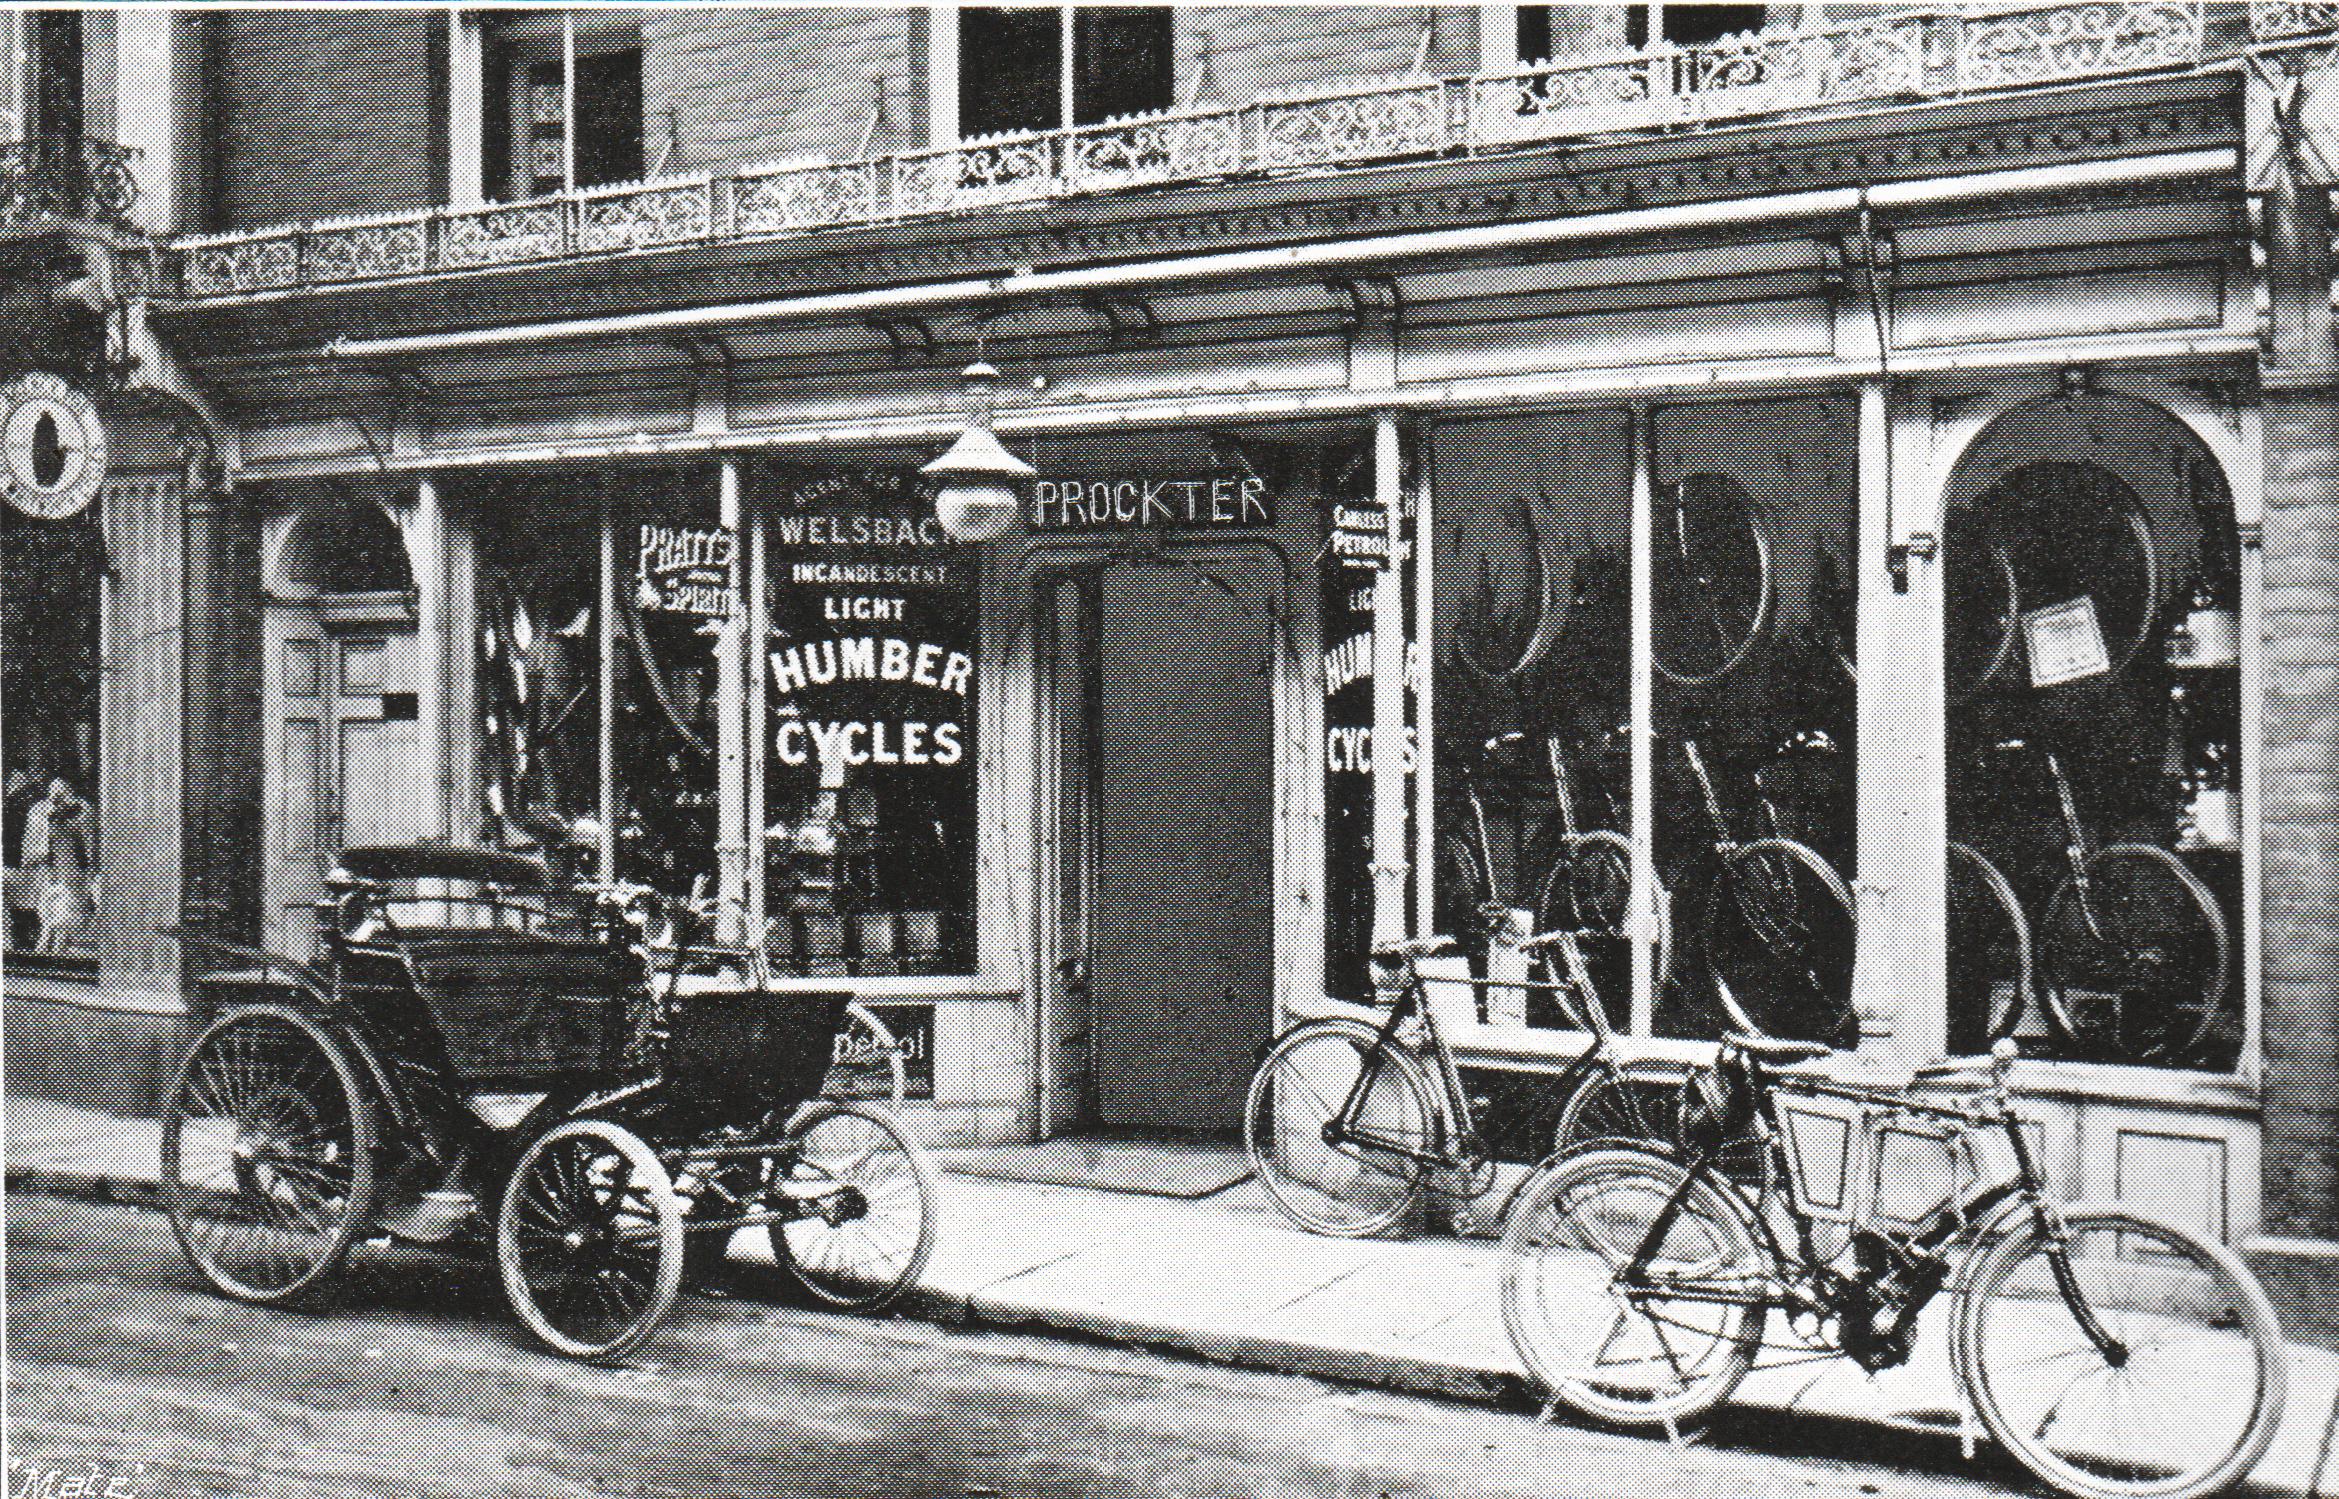 prockter-southgate-street-in-1910